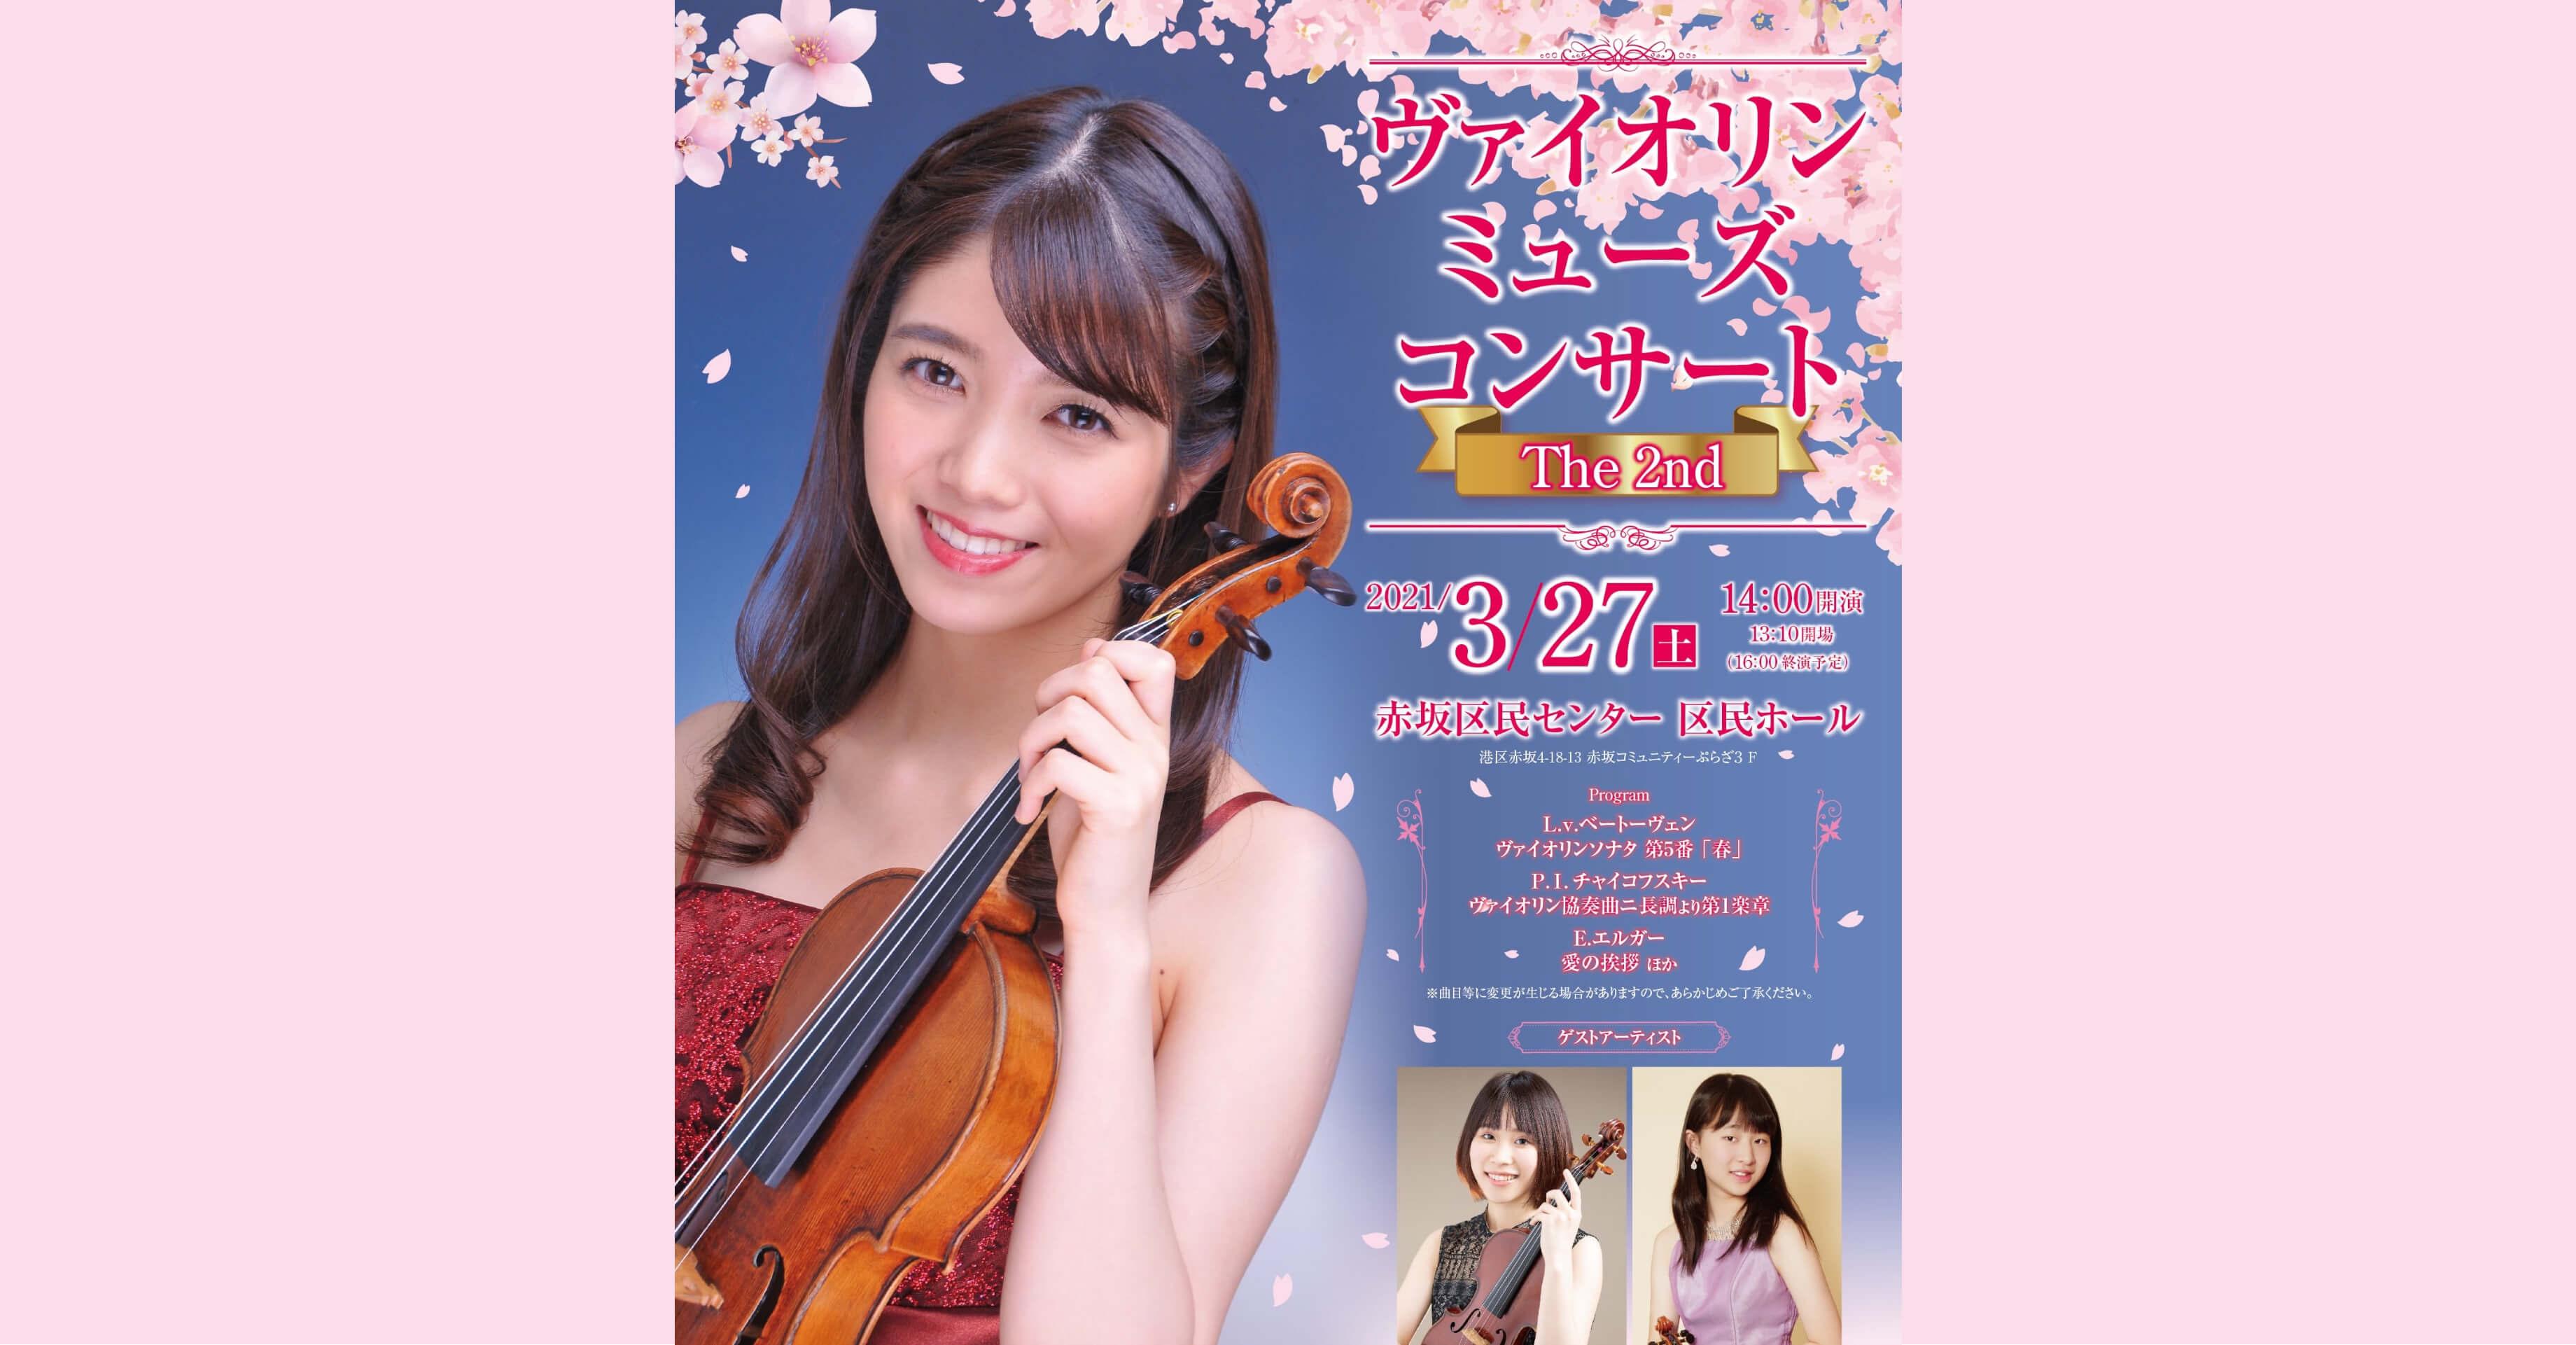 ヴァイオリンミューズコンサート